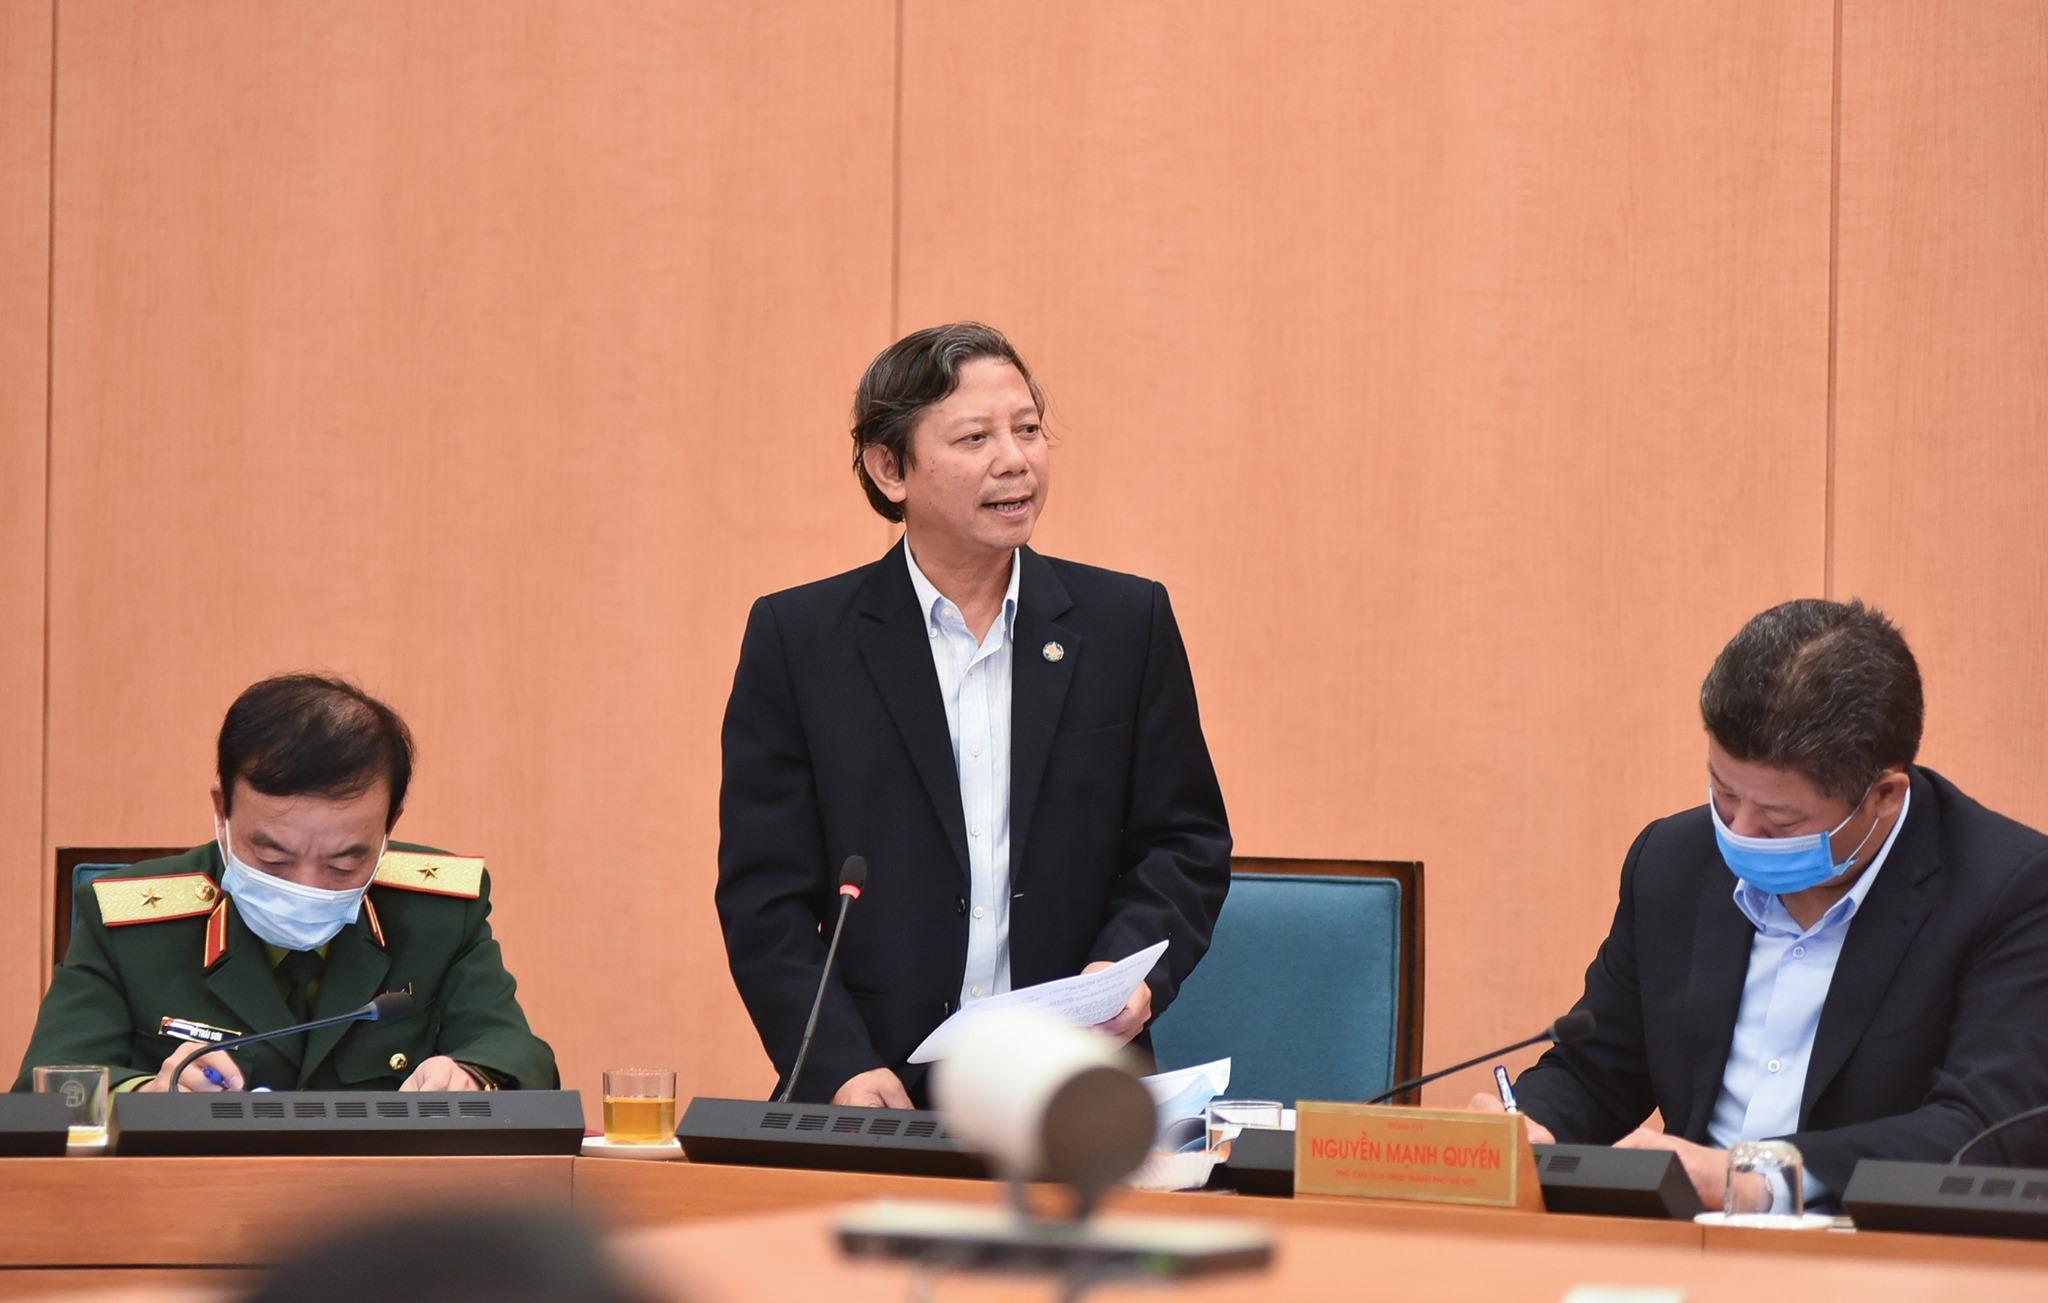 Ông Hoàng Đức Hạnh (giữa), Phó giám đốc Sở Y tế Hà Nội trong buổi họp ban chỉ đạo chống Covid-19 ngày 28/1. Ảnh: Trung Nguyên.